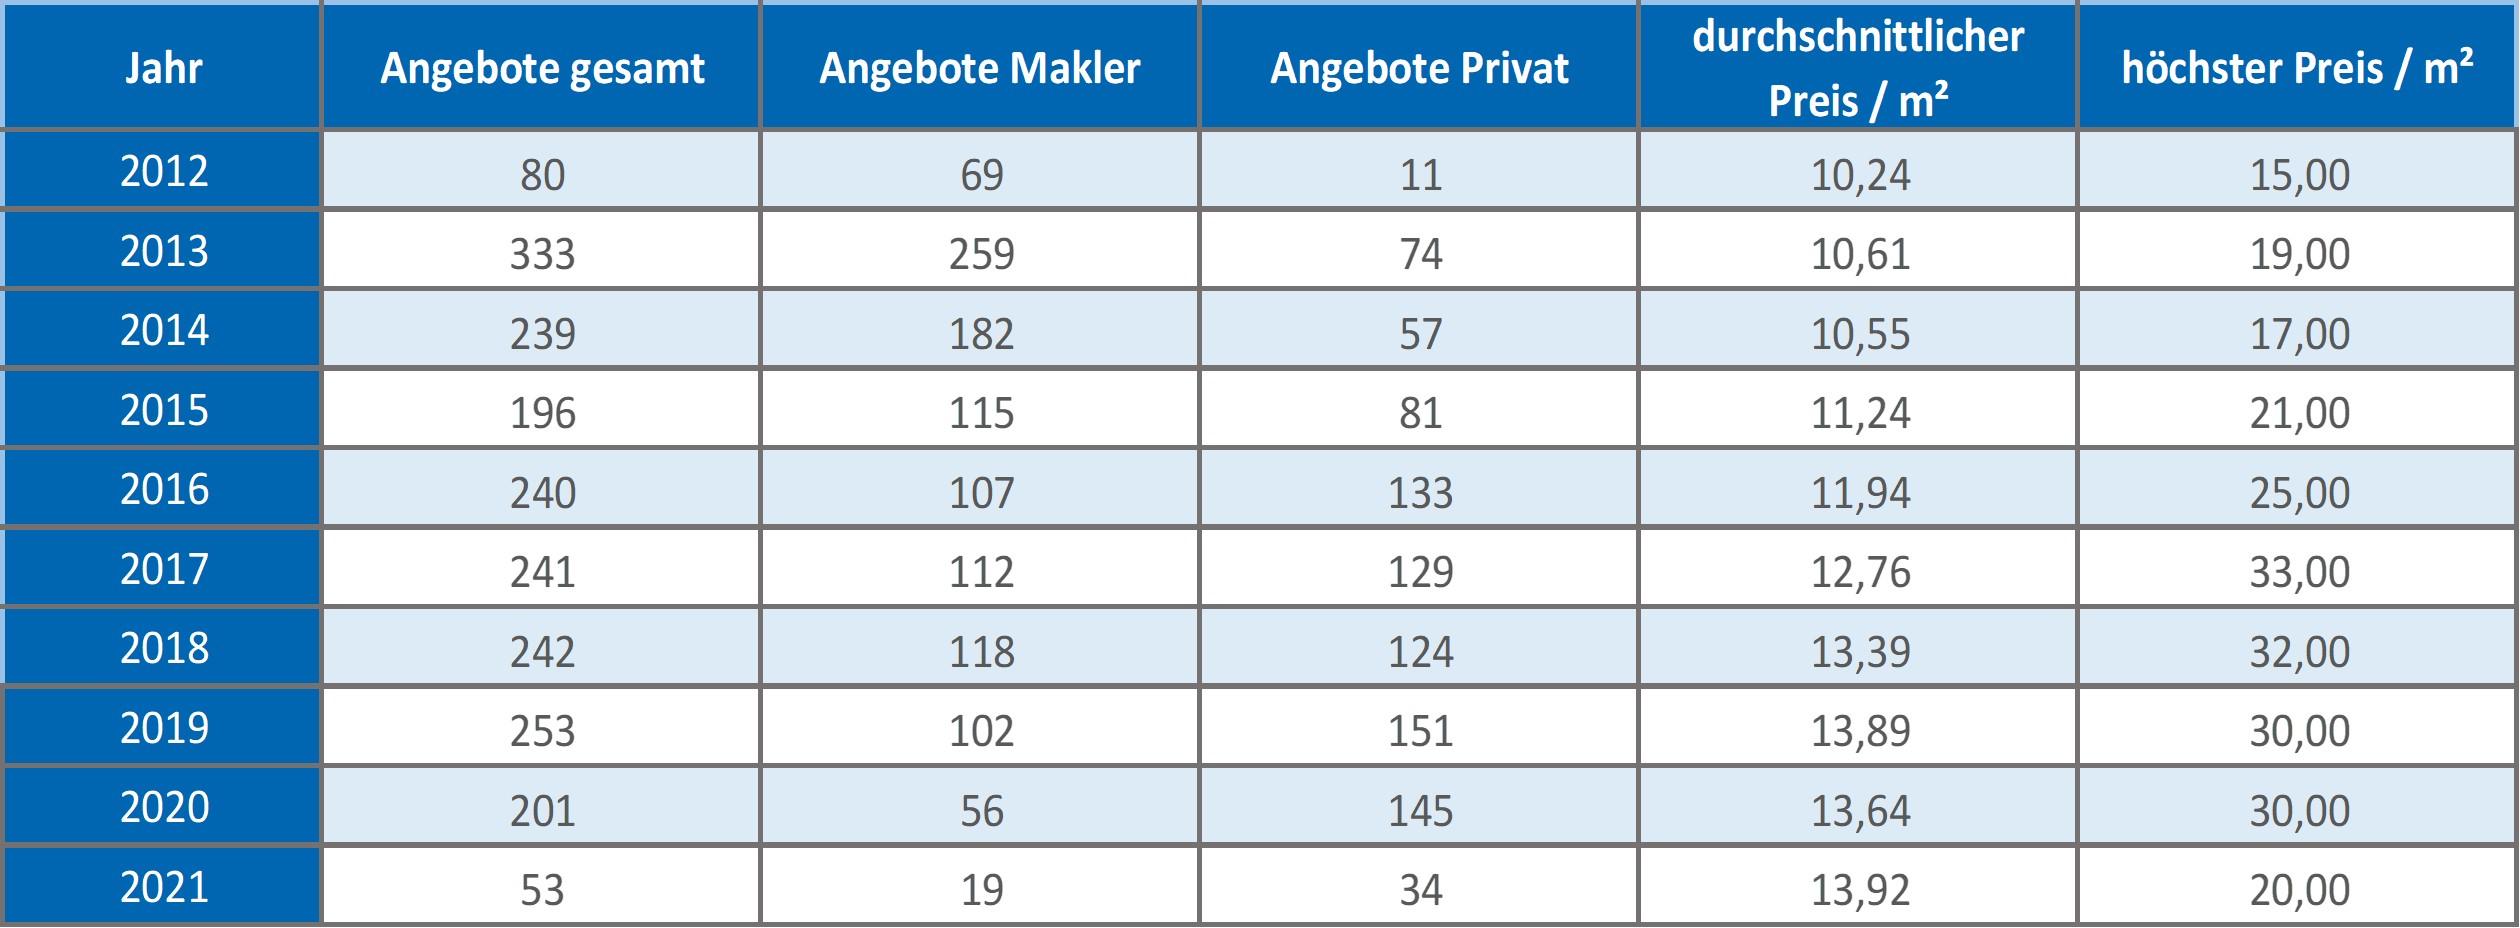 Gilching Wohnung mieten vermieten Preis Bewertung Makler www.happy-immo.de 2019 2020 2021